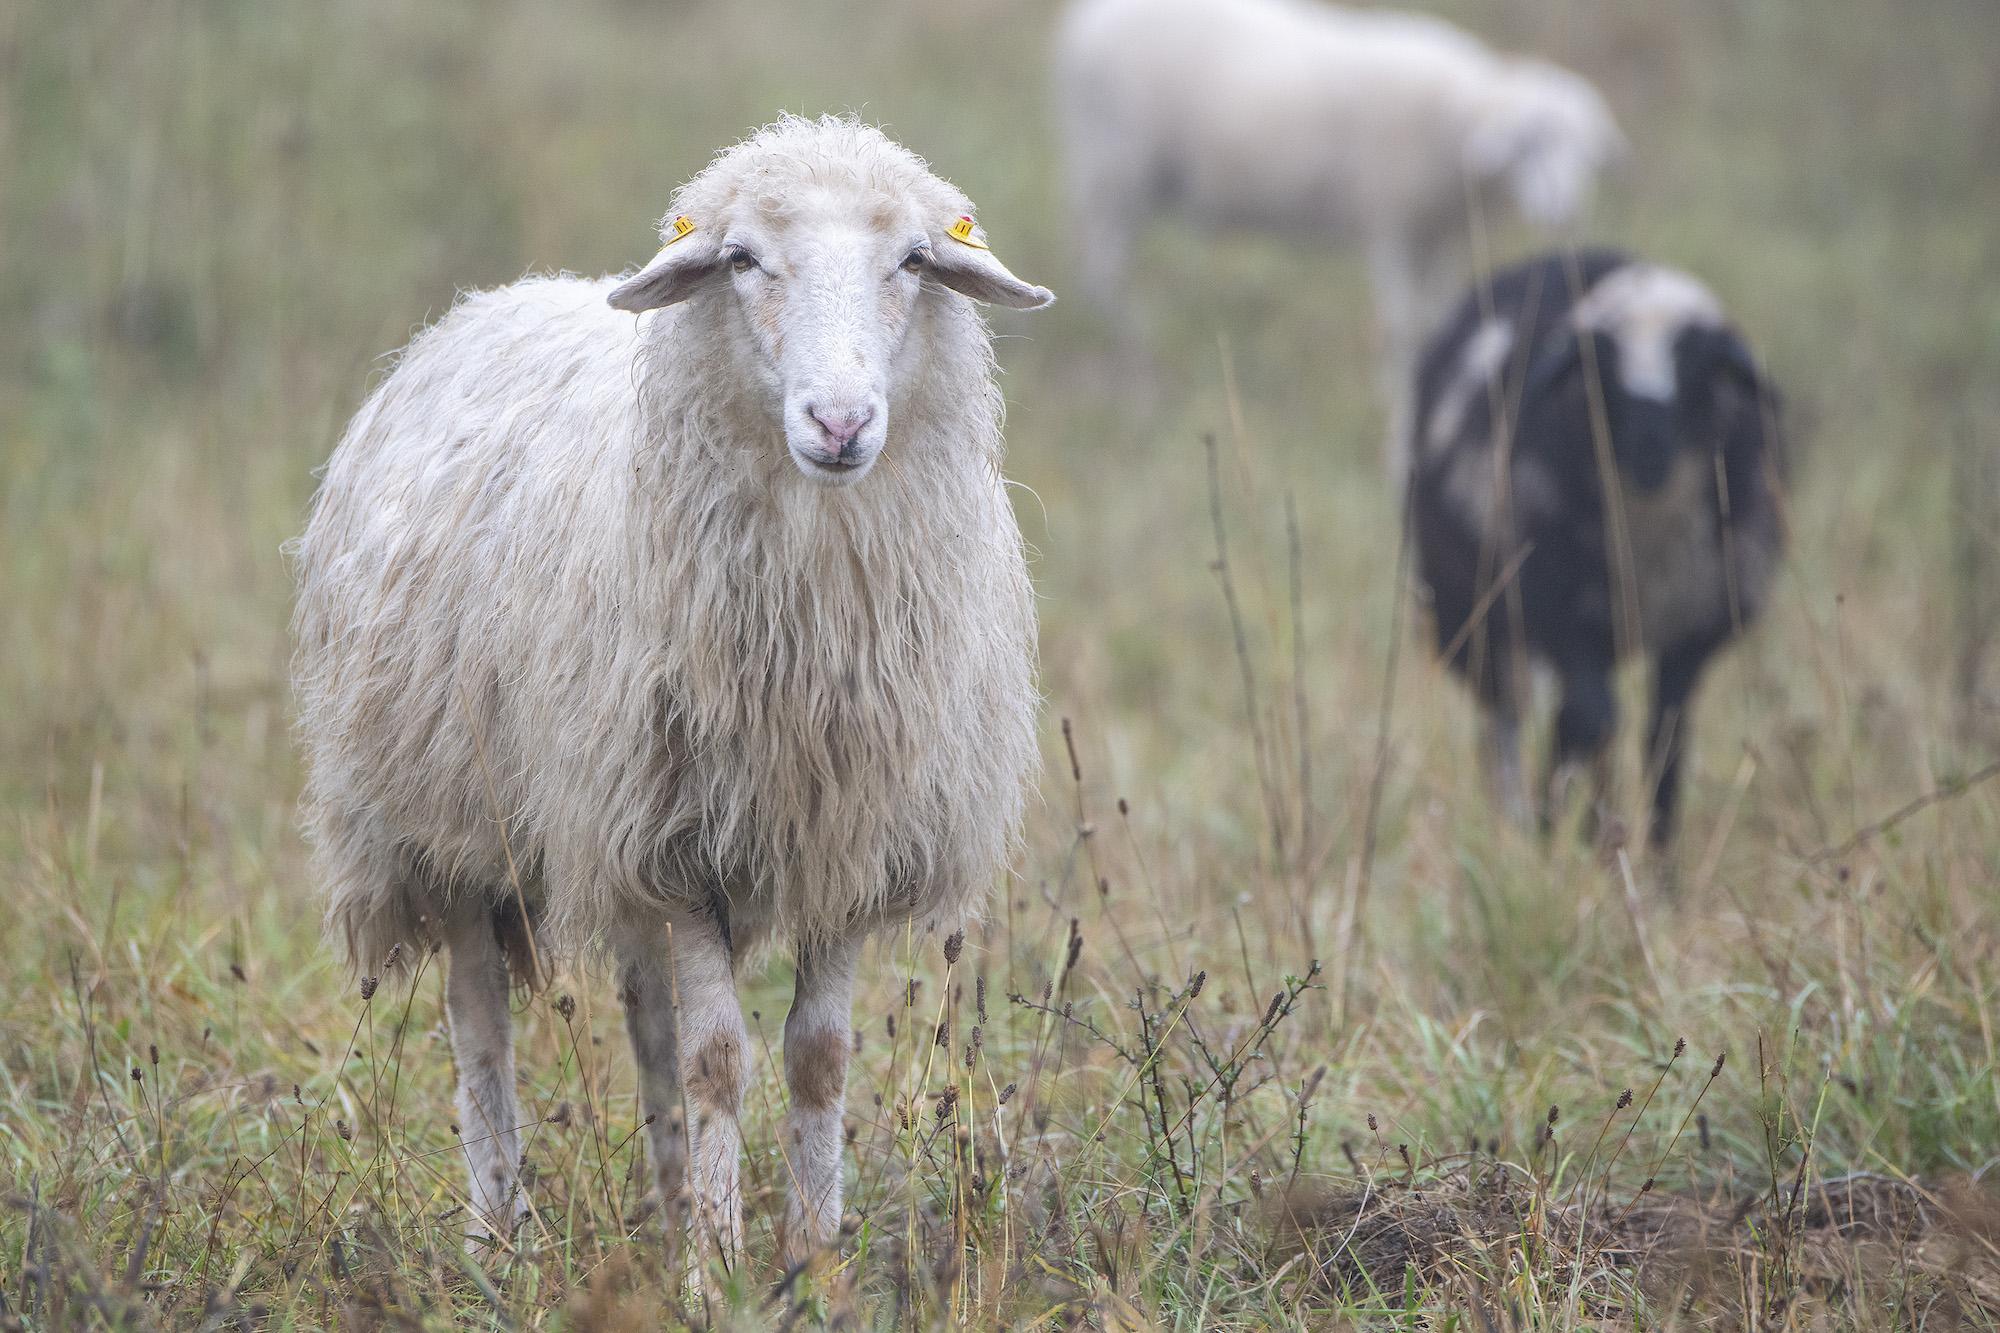 Insel-Schafe beenden ihre Mäh-Saison auf der Donauinsel. Bild: MA45/WIENER WILDNIS.